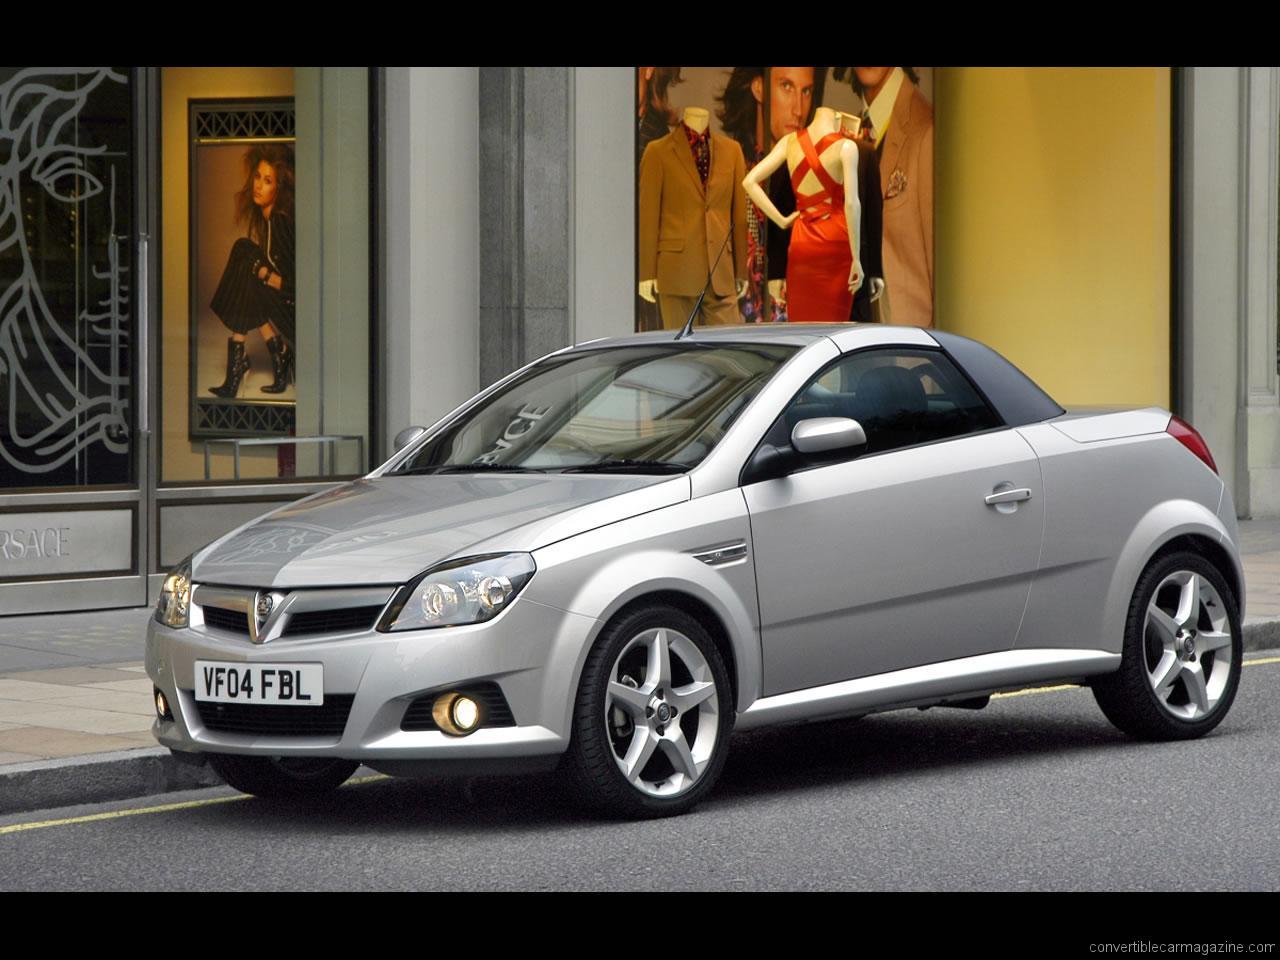 Tuning Shop Phares Daylight pour Opel/Vauxhall Tigra An: 95 03 noir Acheter